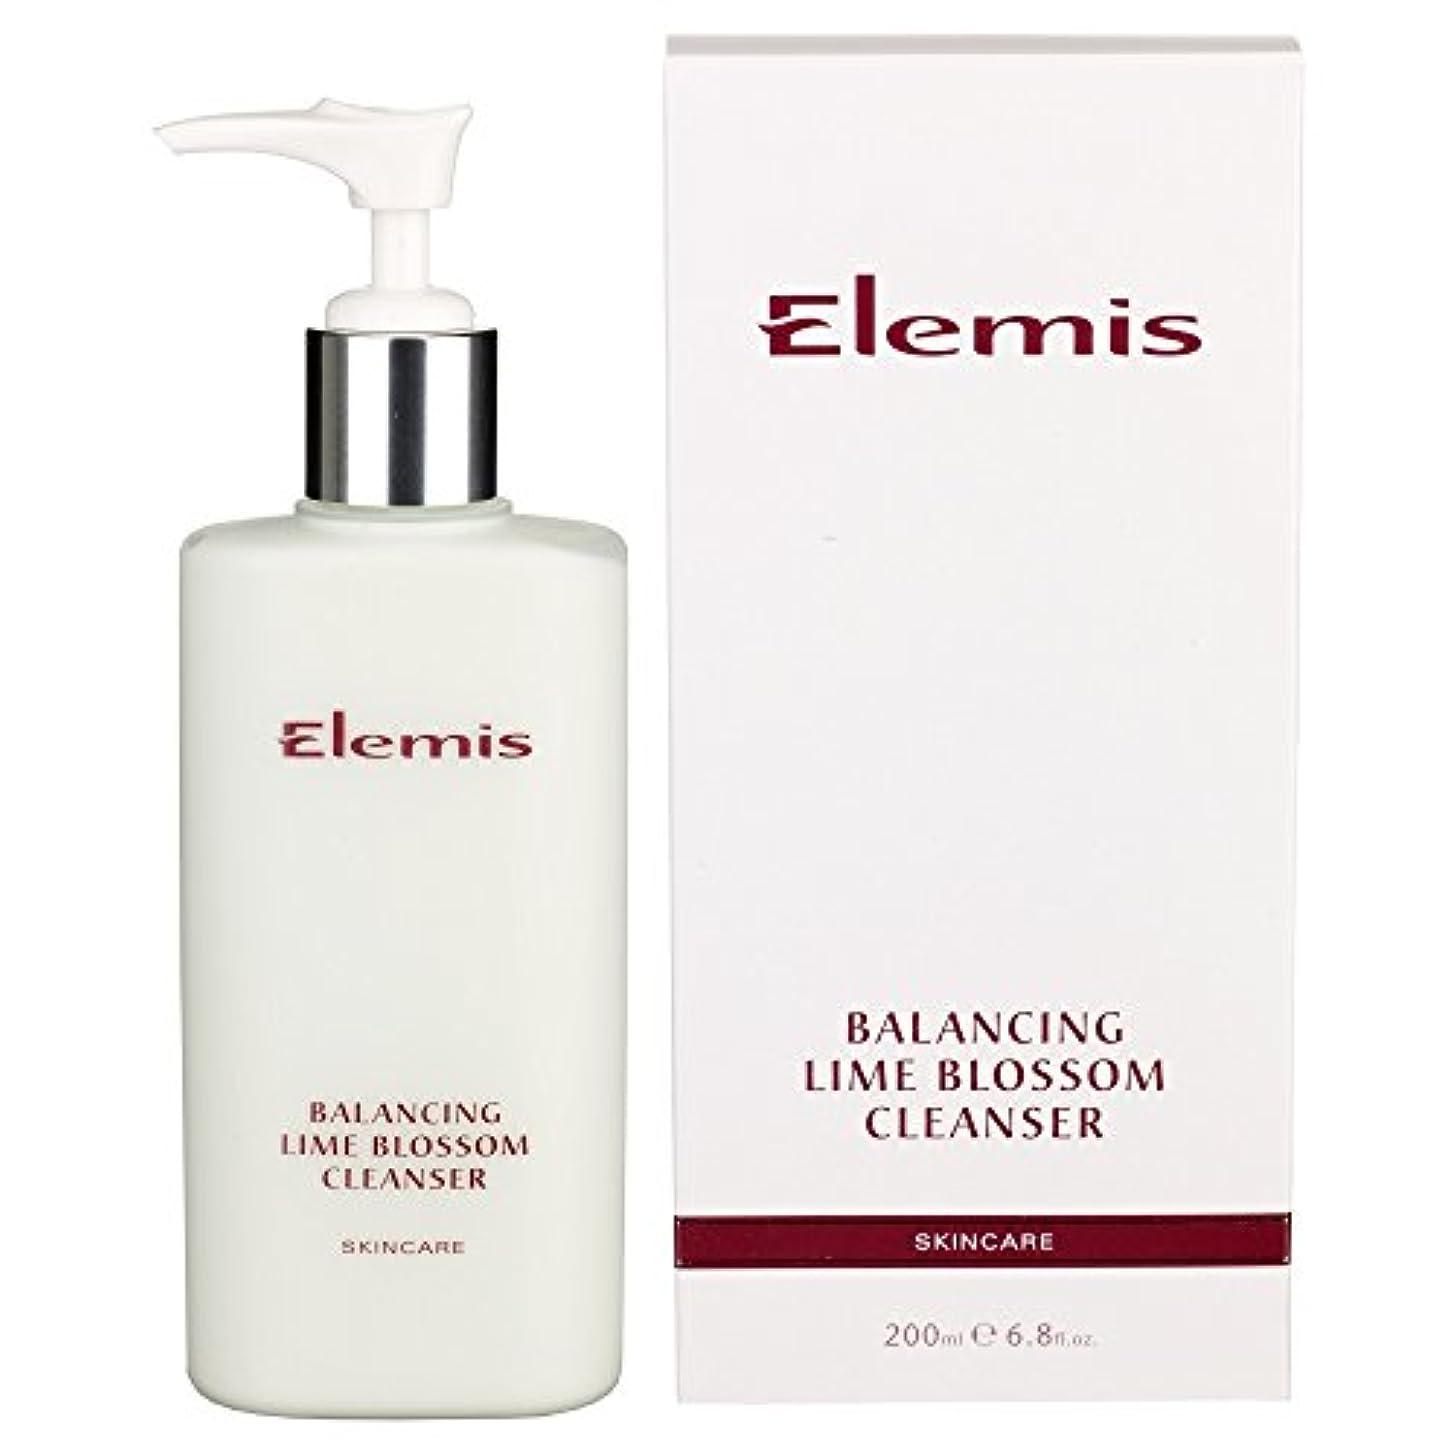 真っ逆さまむしゃむしゃ入浴ライムブロッサムクレンザーのバランスをとります (Elemis) (x6) - Balancing Lime Blossom Cleanser (Pack of 6) [並行輸入品]